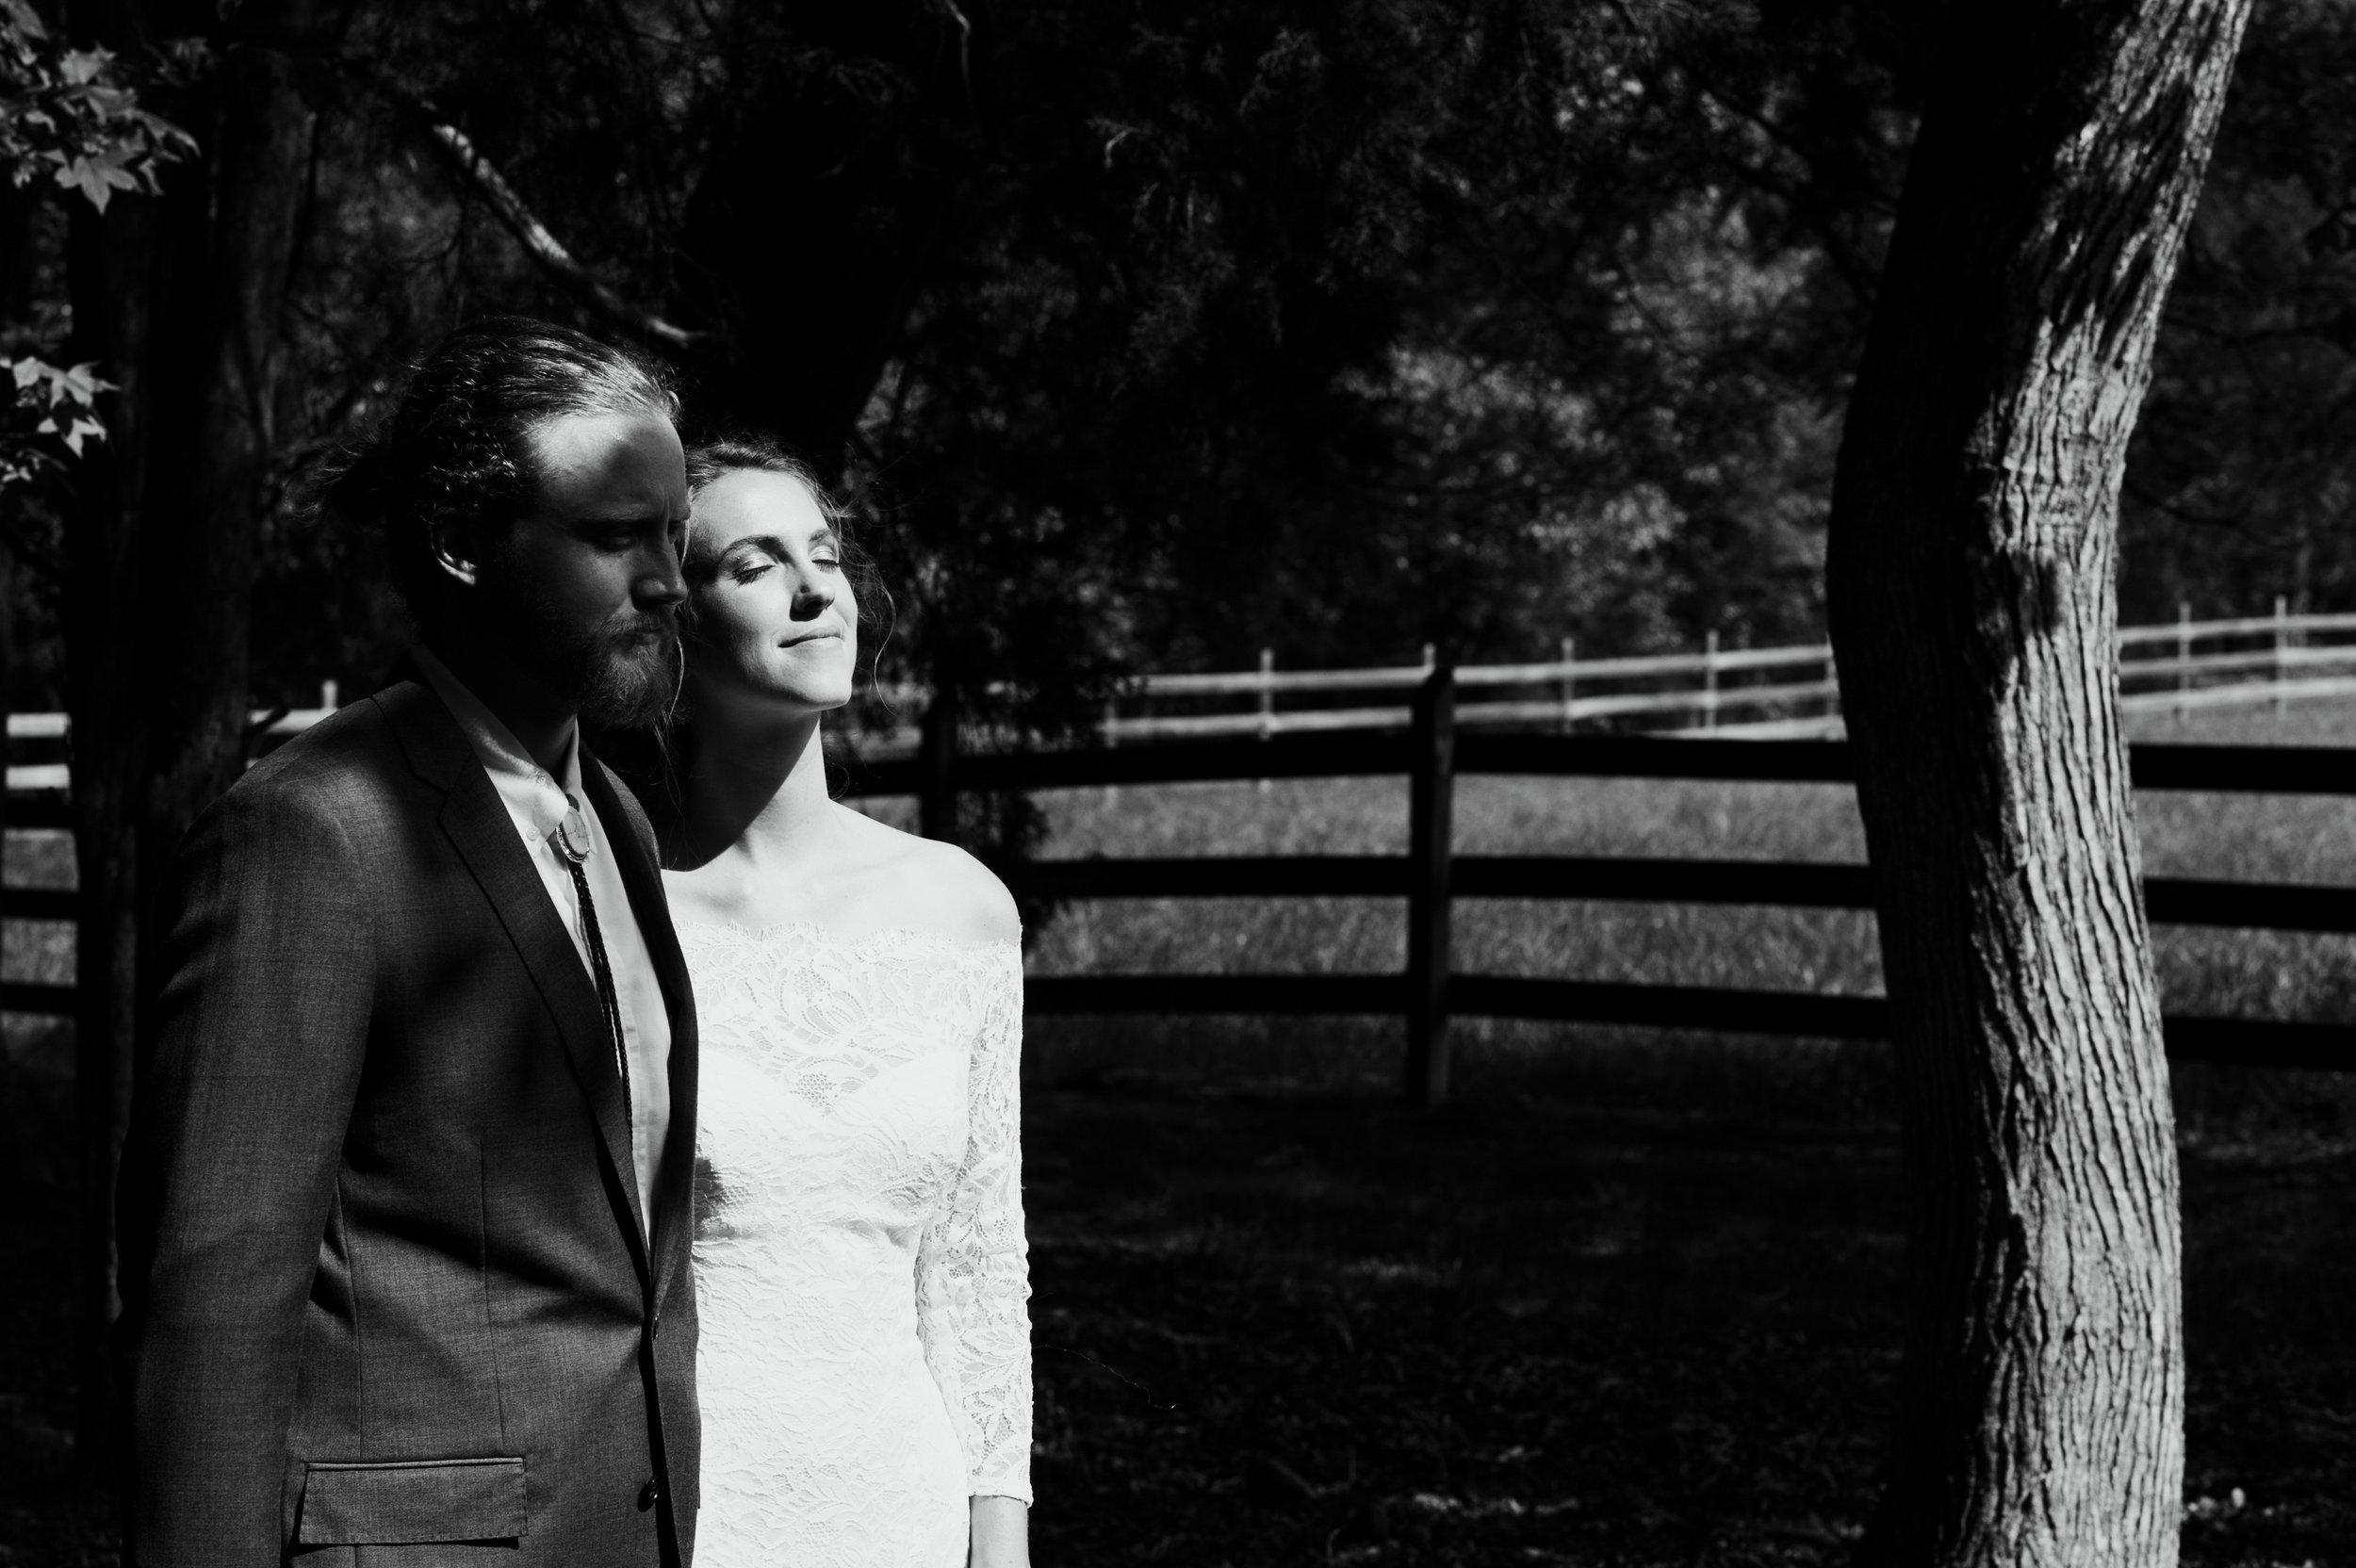 raleigh-elopement-photographer-raleigh-durham-wedding-maddie-and-devin- (144 of 162).jpg